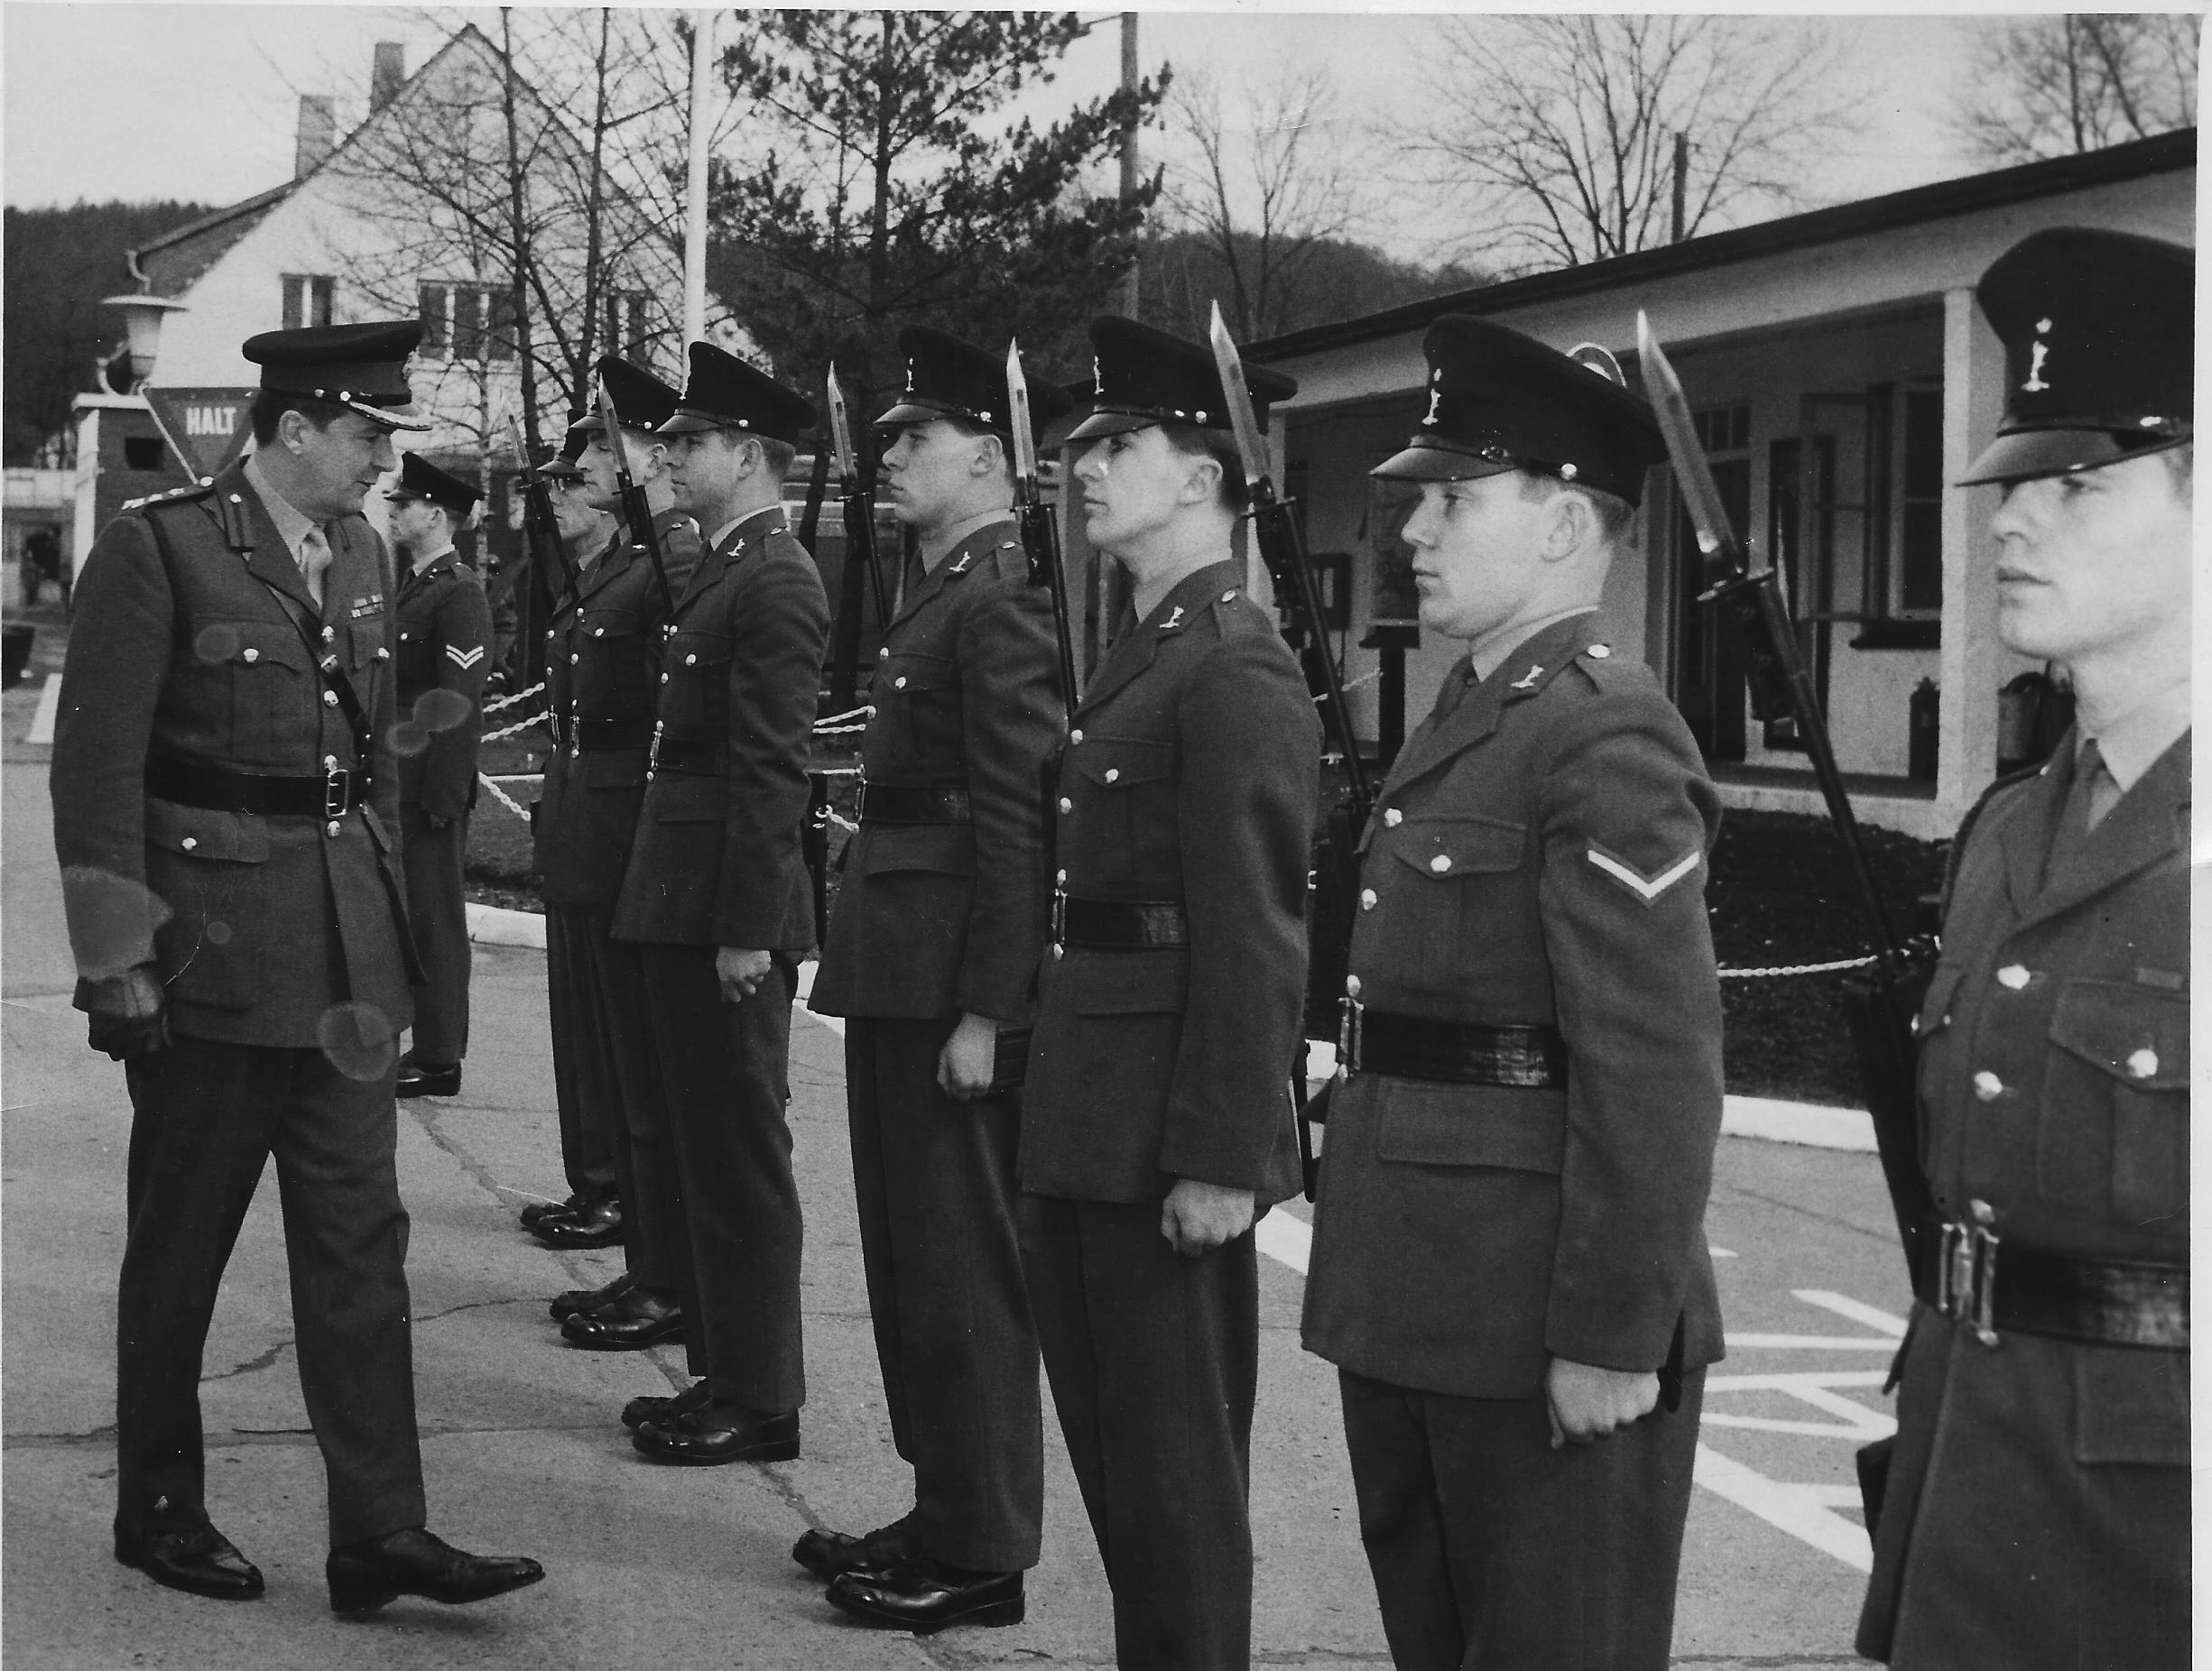 Quarter Guard 7 Sig Regt 68 or 9